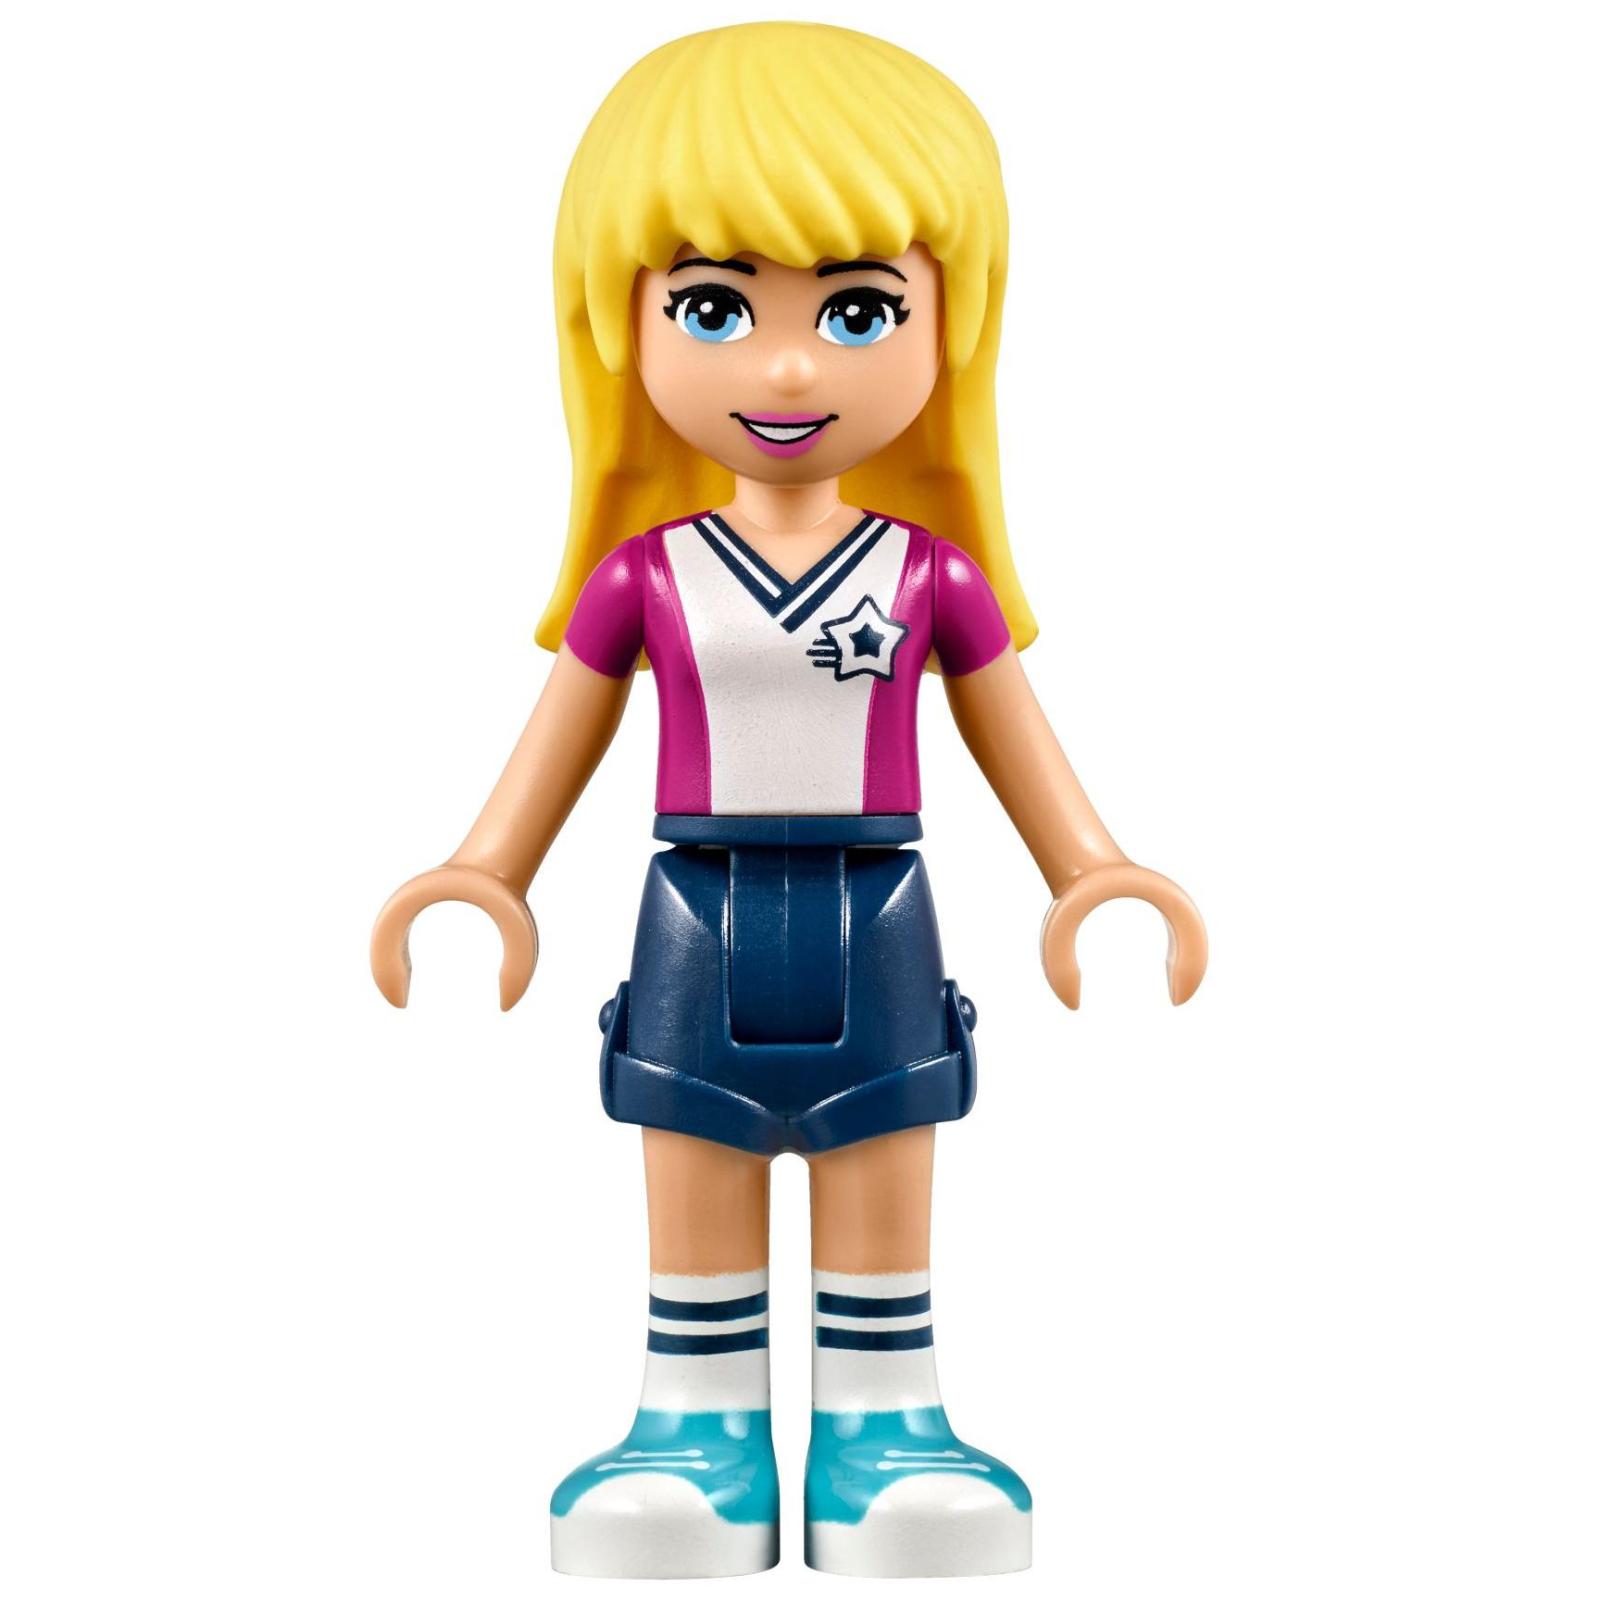 Конструктор LEGO Friends Футбольная тренировка Стефани (41330) изображение 9